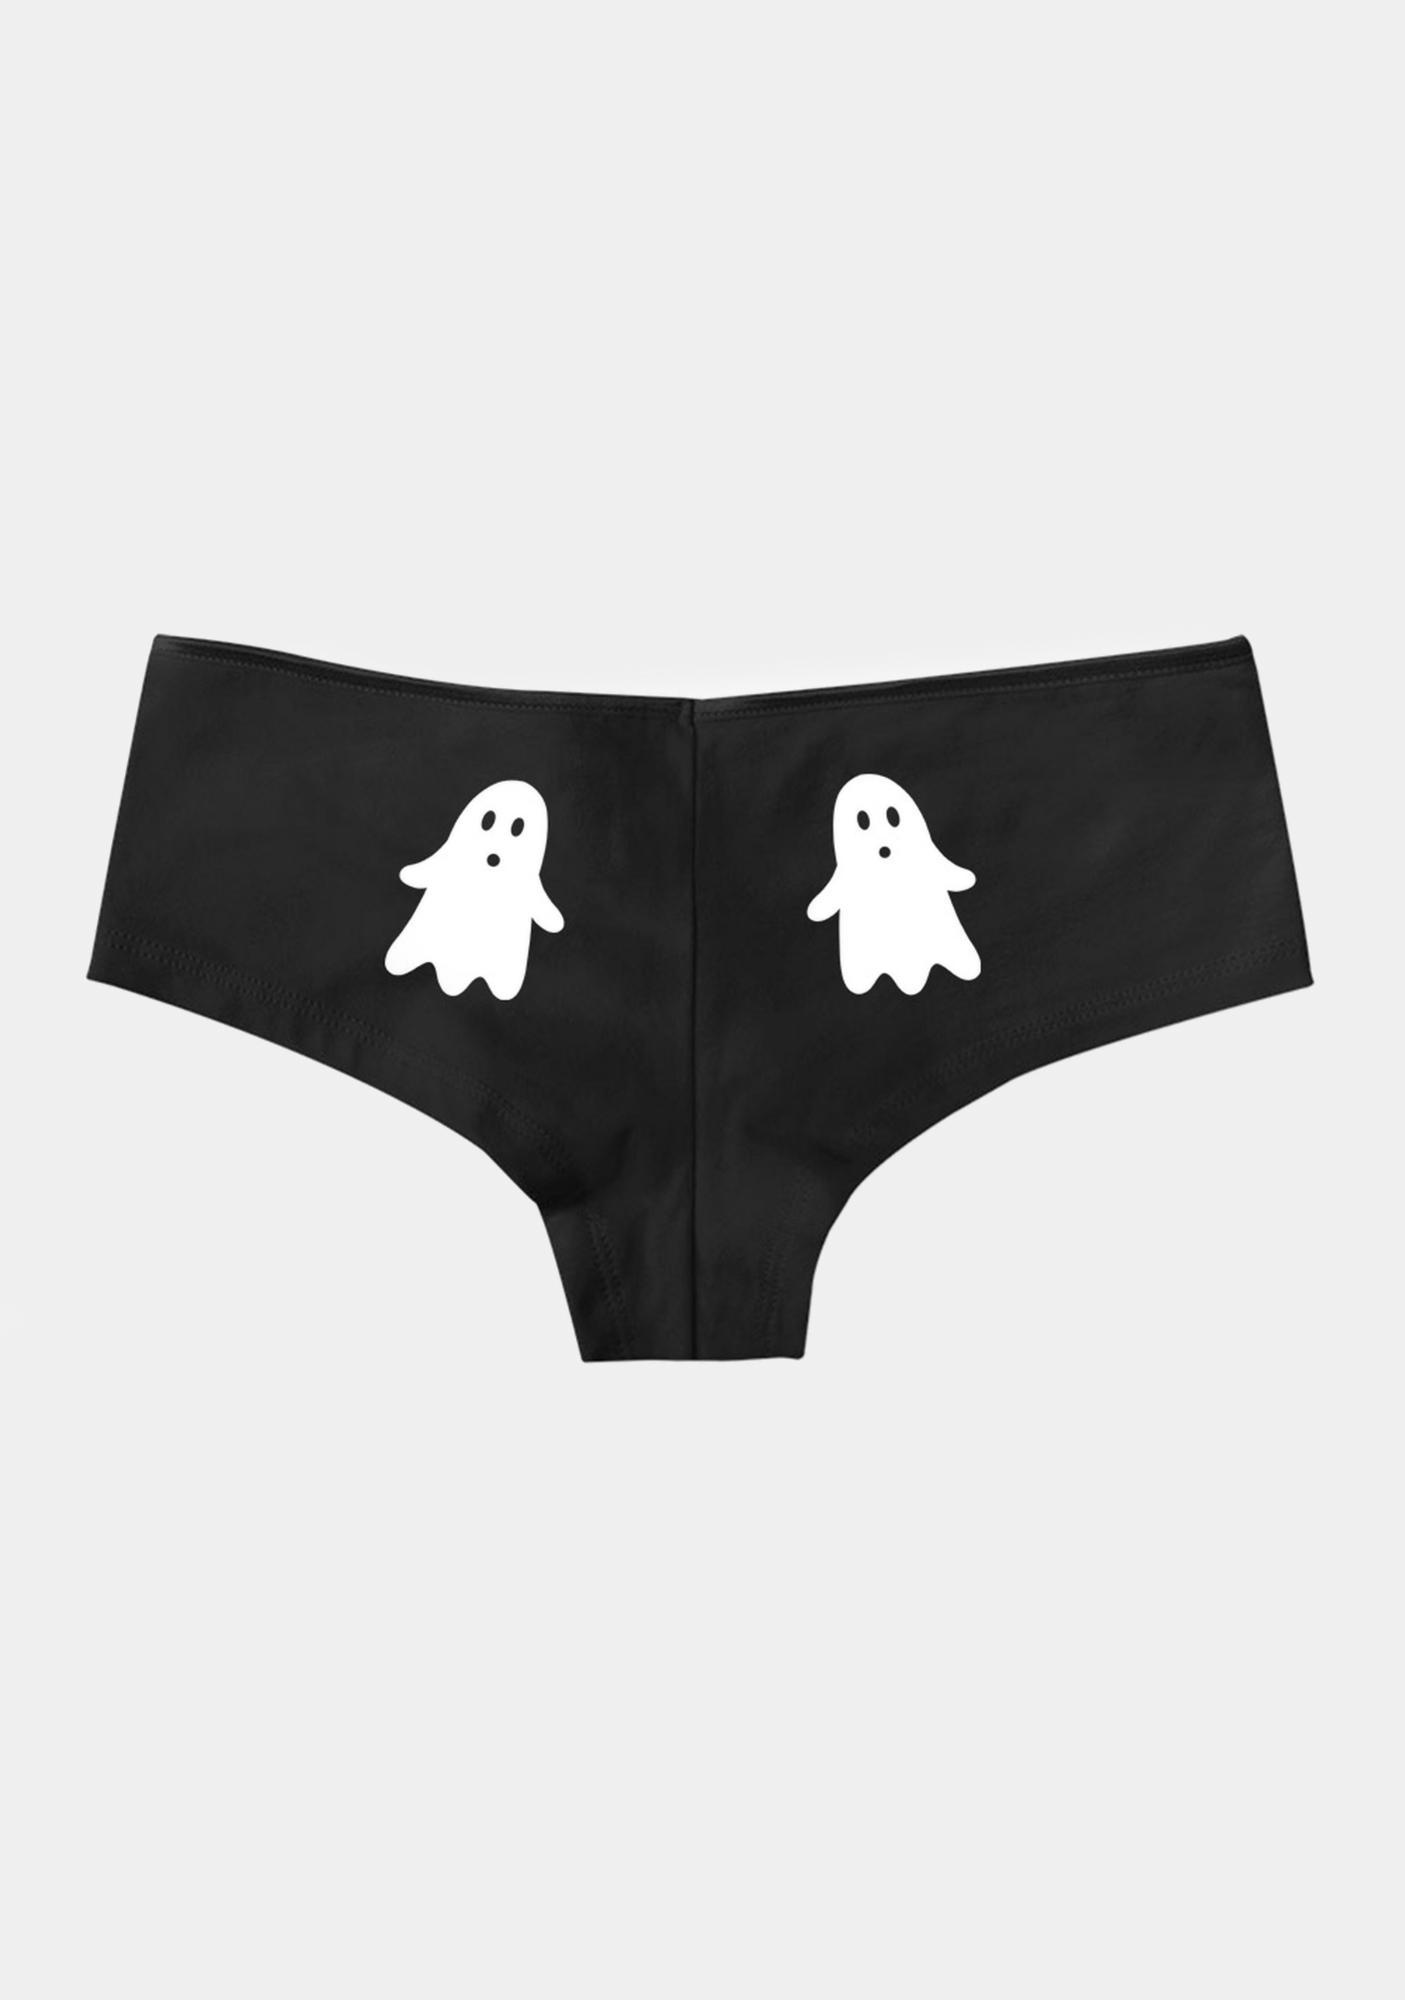 Femfetti Ghosty Booty Boy Short Undies